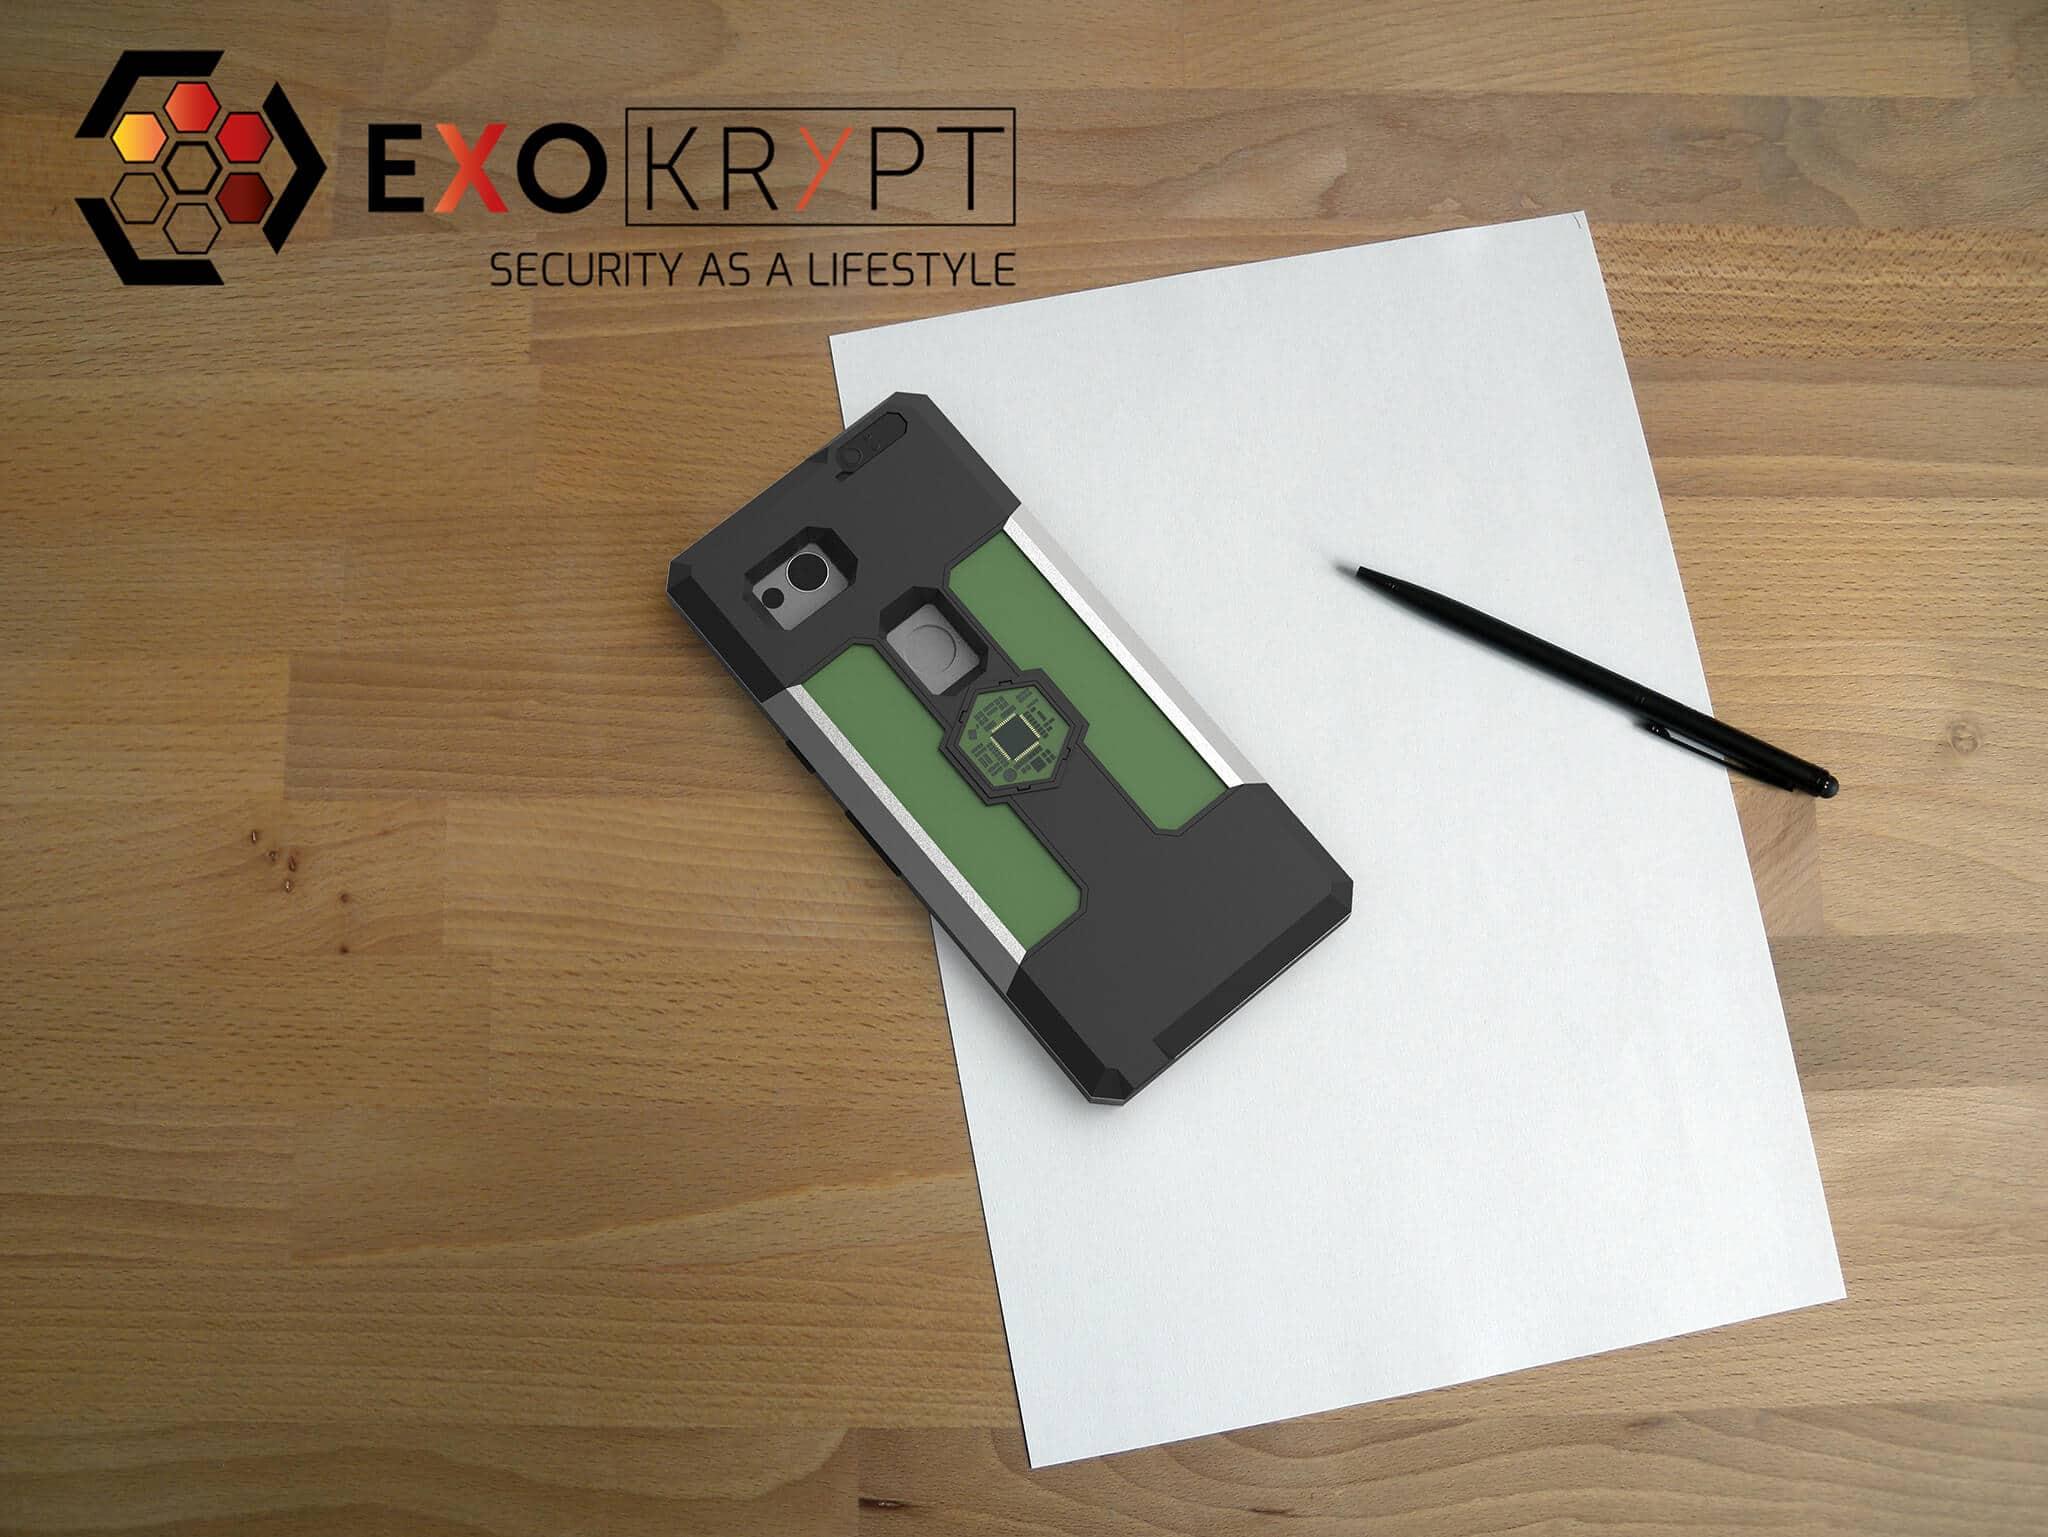 ExoShield BUSINESS Smartphone Case - Brushed Metal Frame - Grüne Inlets auf einem Holztisch auf einem Papierblatt liegend mit Kugelschreiber daneben